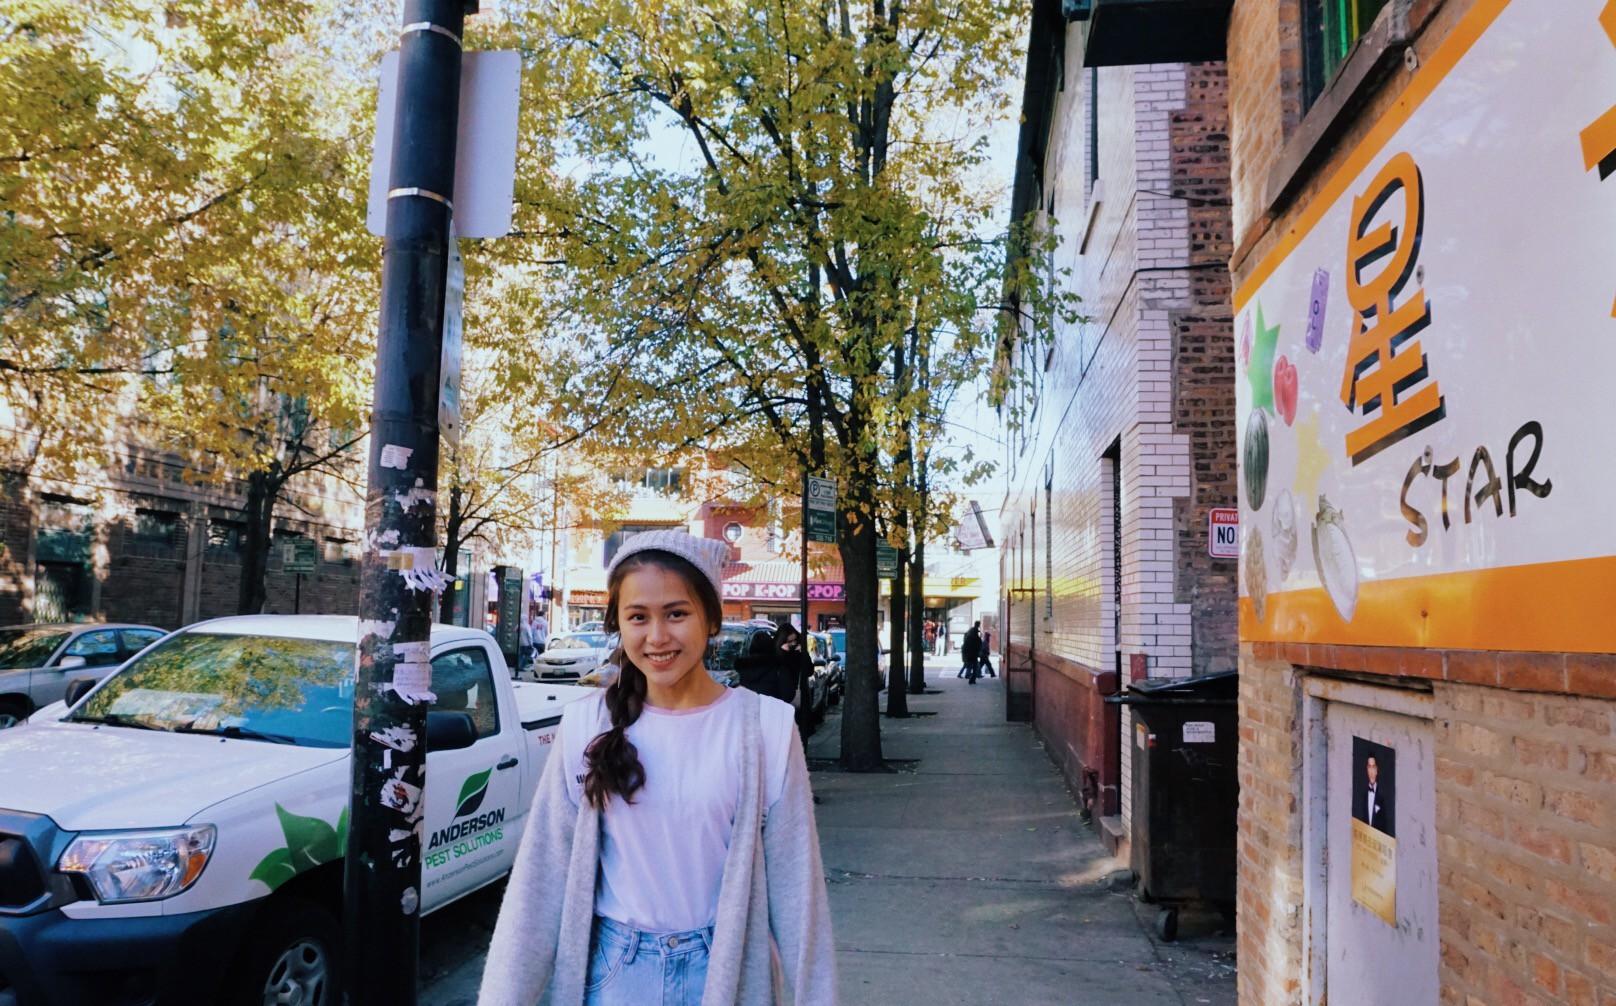 Cô bạn trường Ams xinh như hot girl, nhận học bổng du học từ 8 trường ĐH trên thế giới - Ảnh 8.